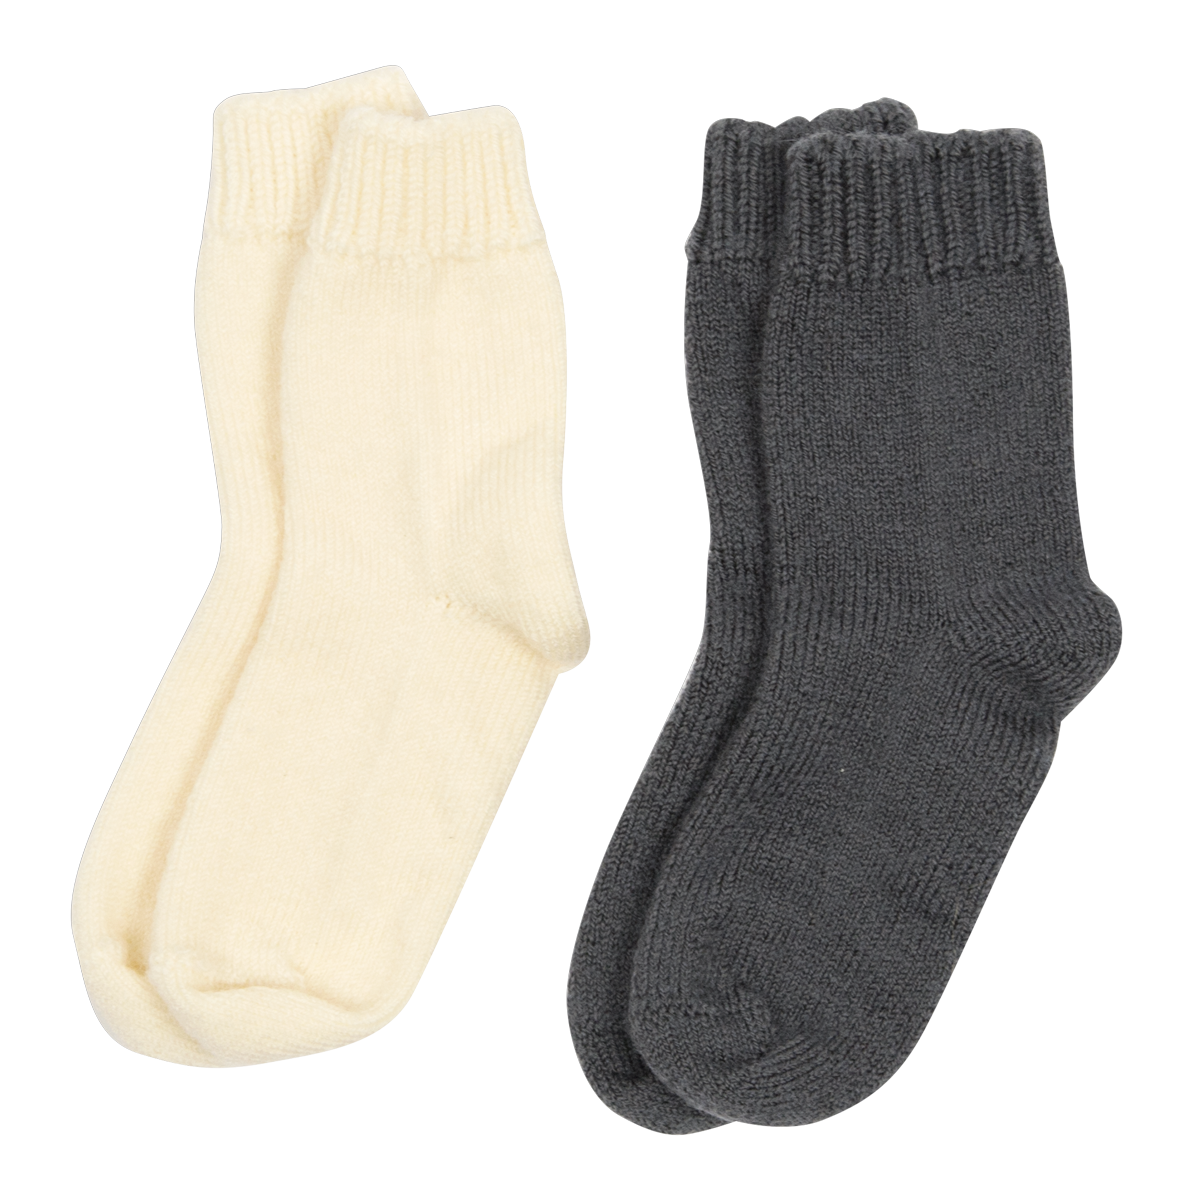 duo chaussettes de naissance pour les b b s agathe et georges agathe et georges. Black Bedroom Furniture Sets. Home Design Ideas